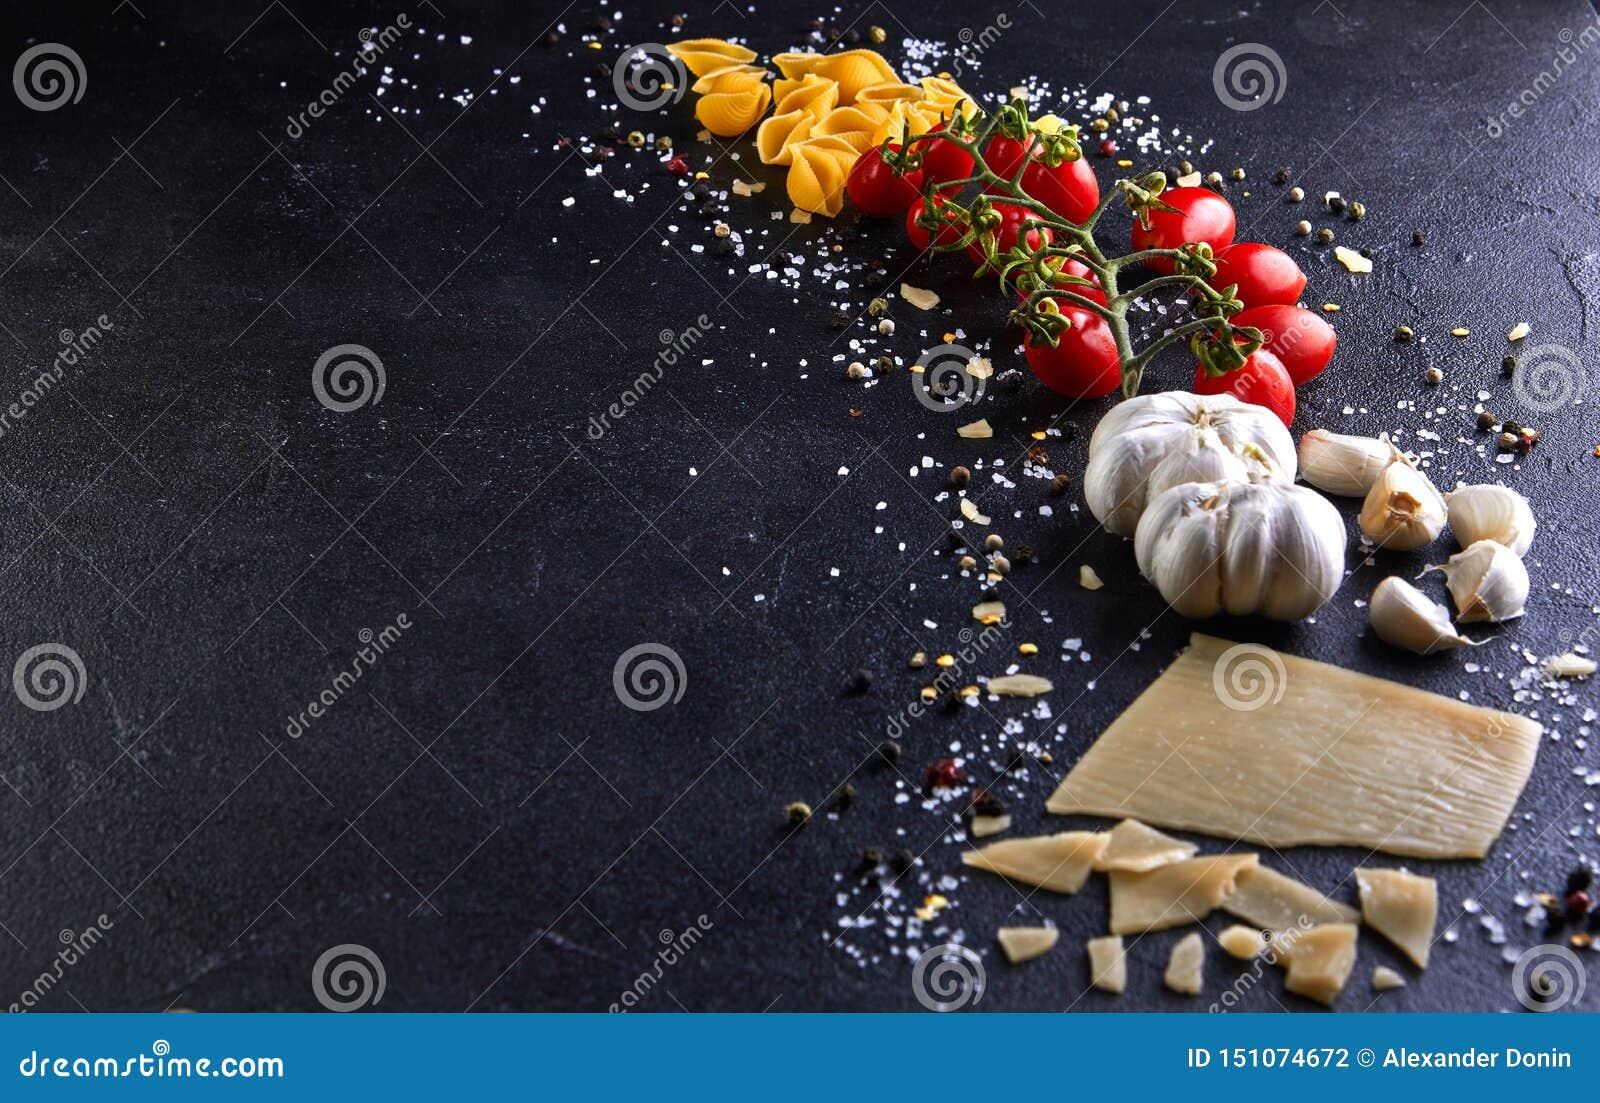 烹调的面团成份在黑背景